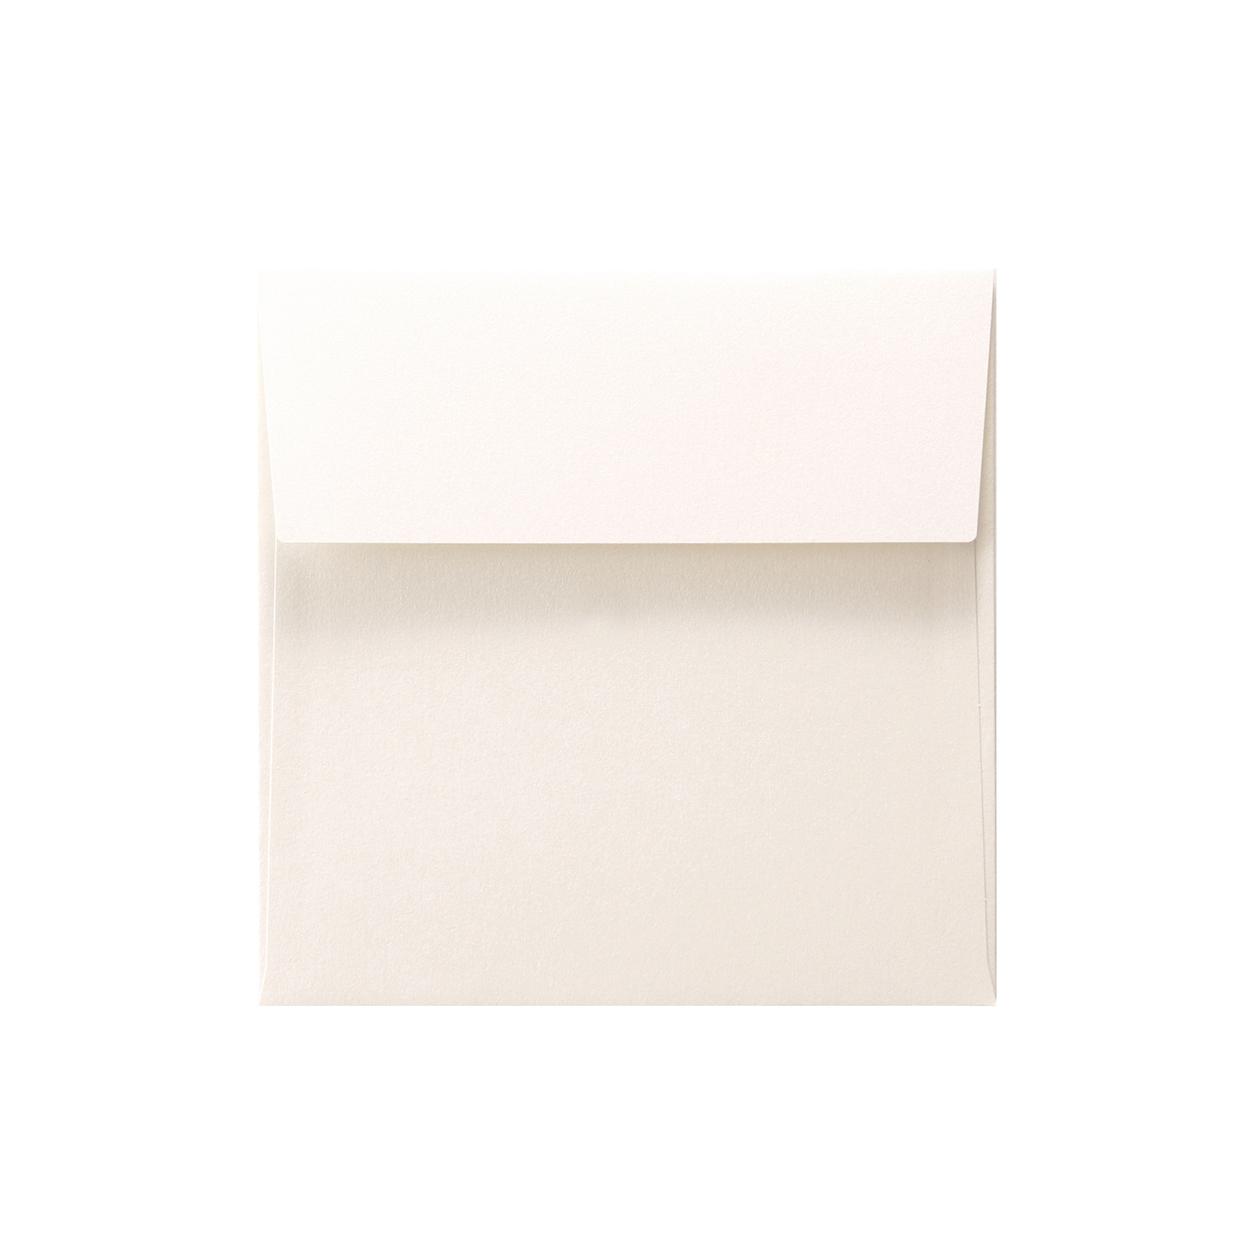 SE16カマス封筒 コットンパール スノーホワイト 125.3g